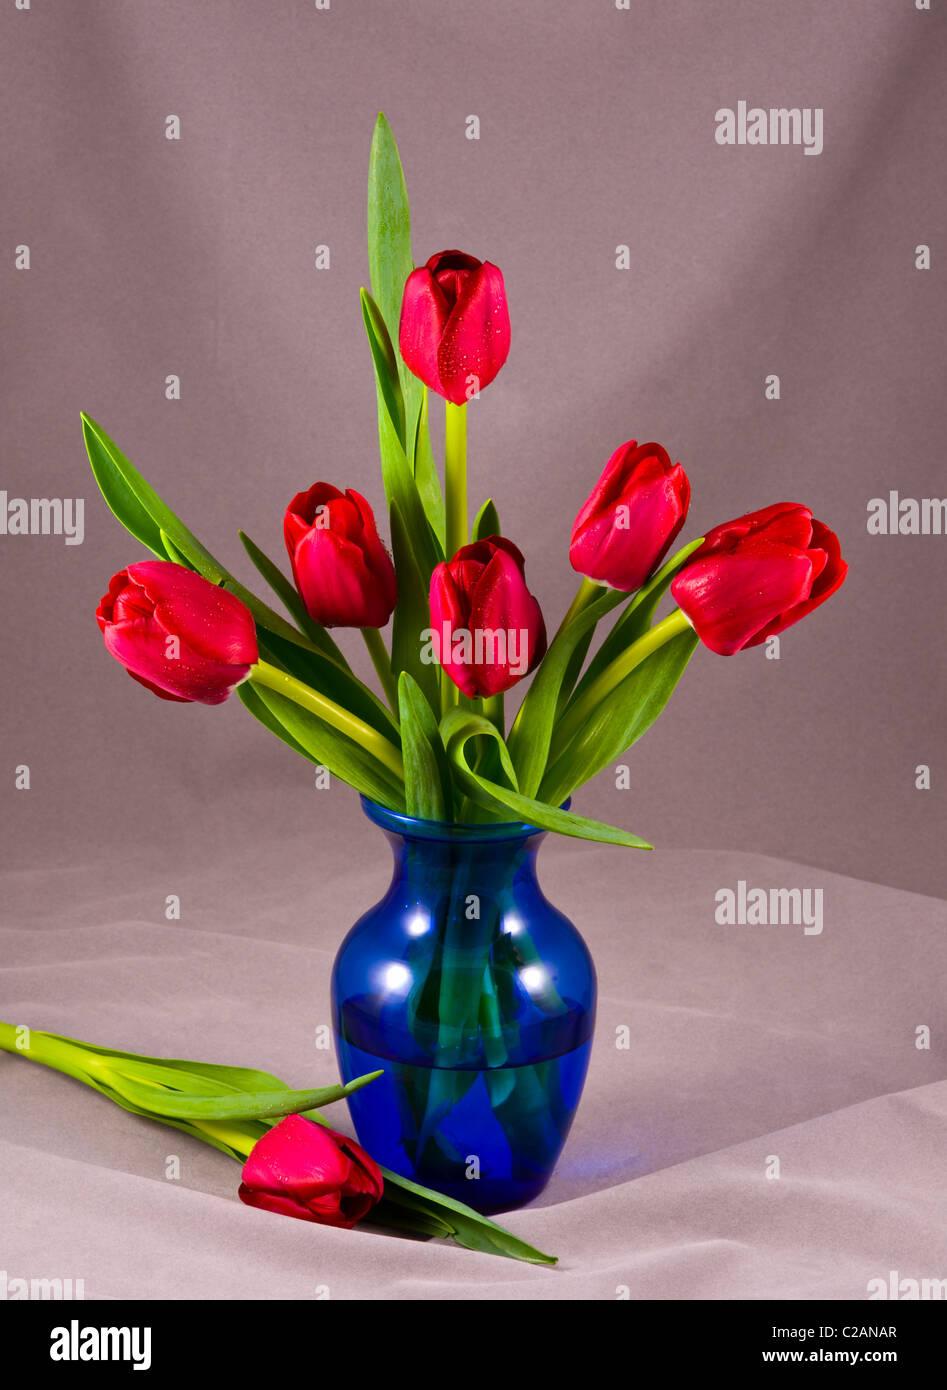 Tulipes rouges dans un vase bleu gouttes de rosée de l'eau brume composition fleurs arrangement still life Photo Stock